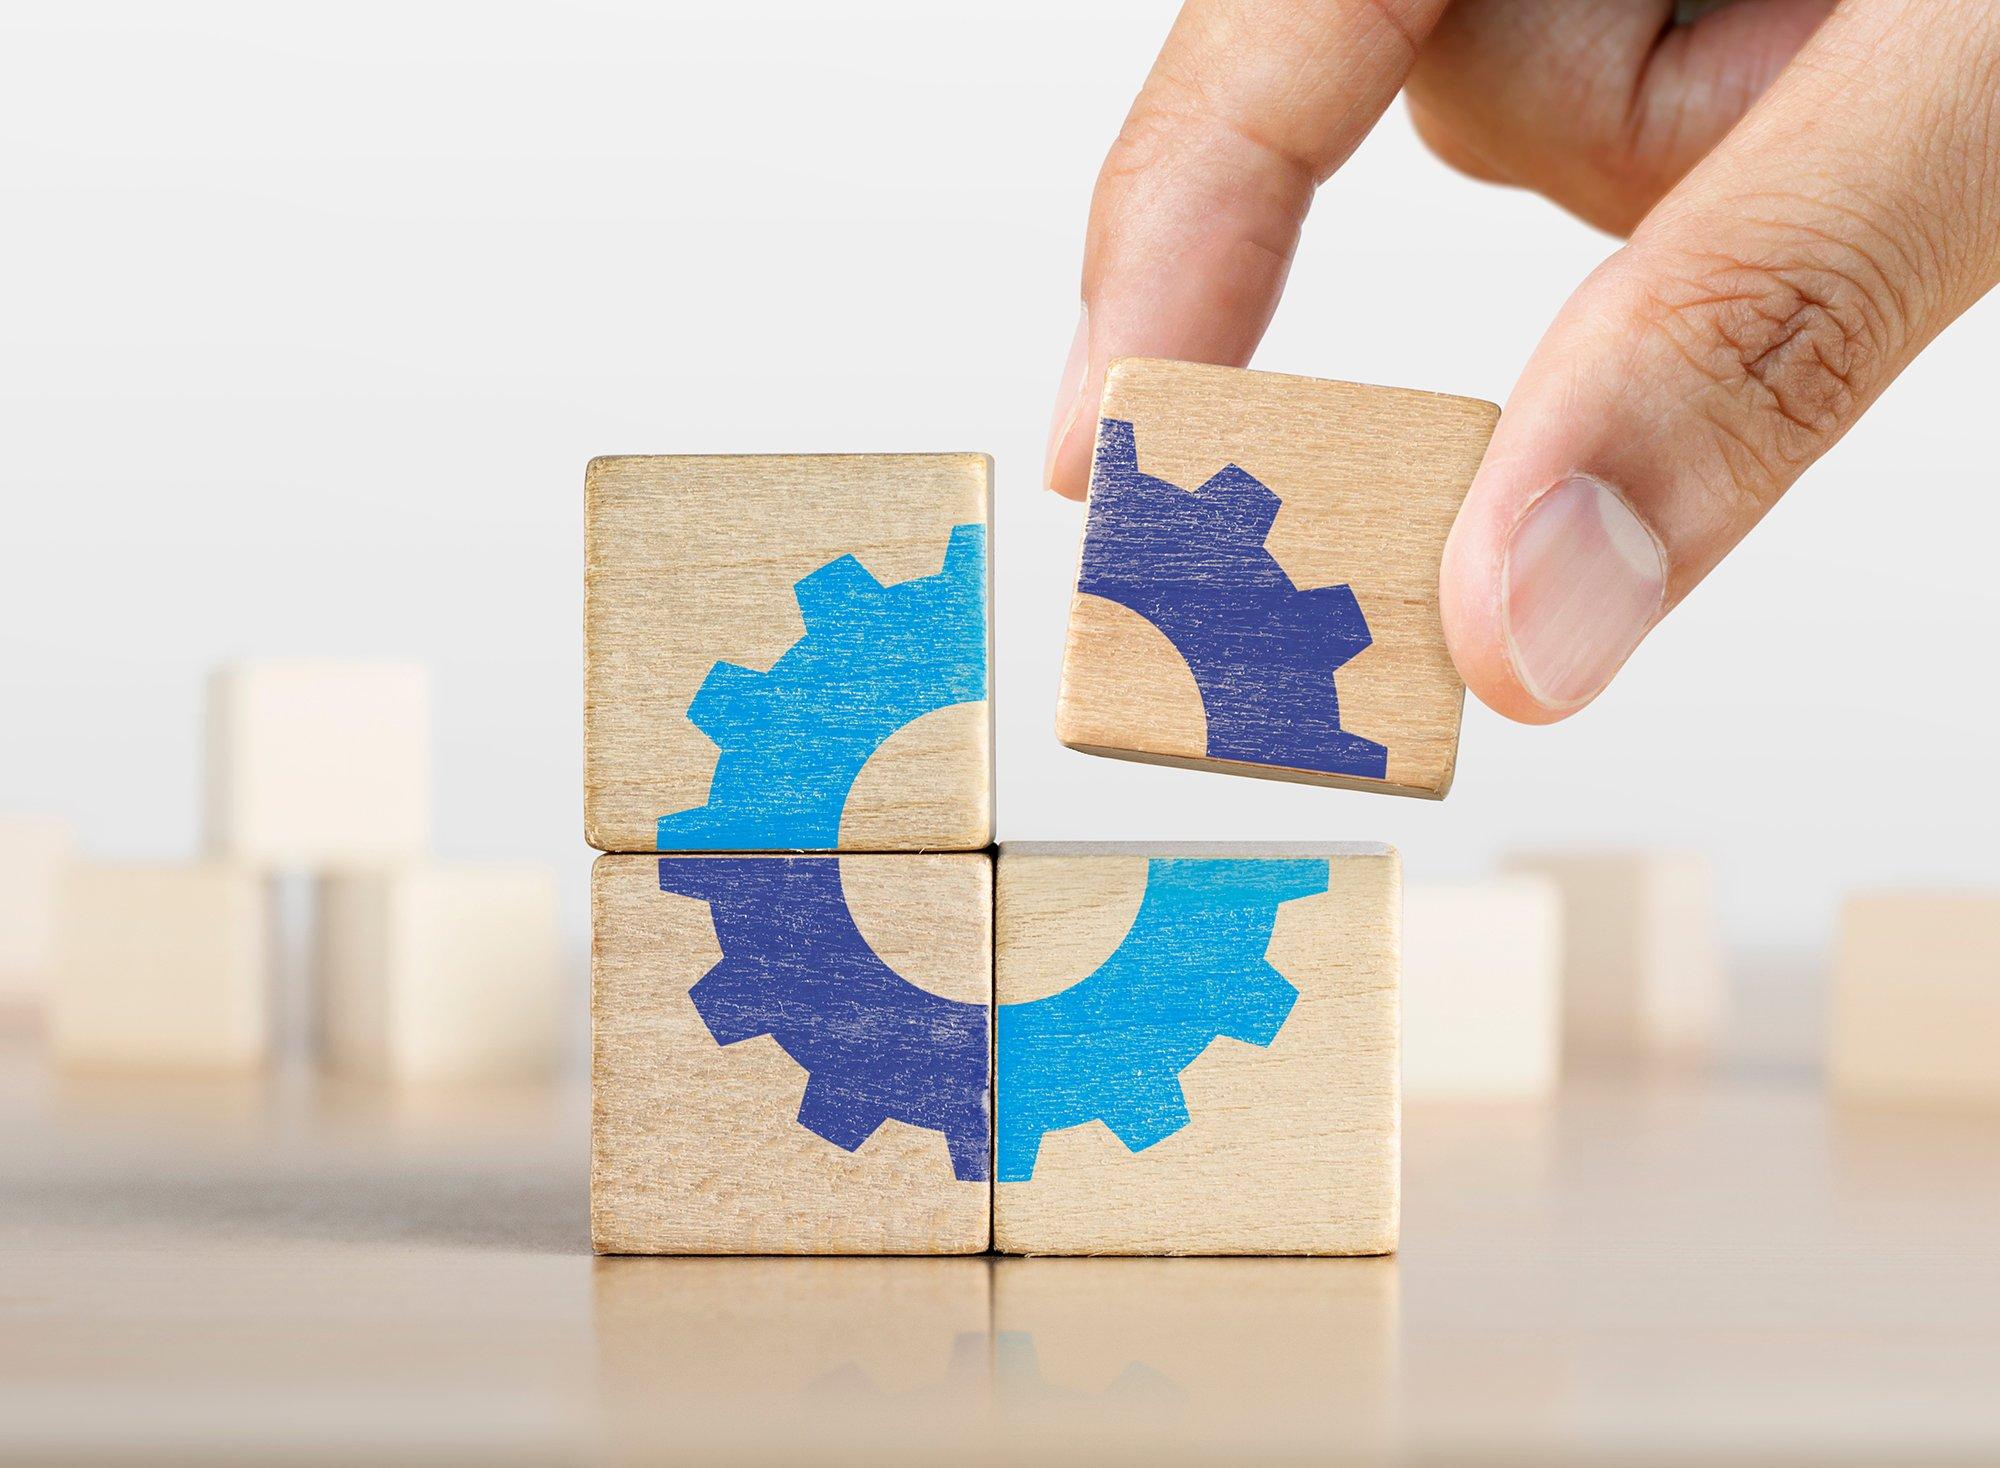 Implementation partner benefits